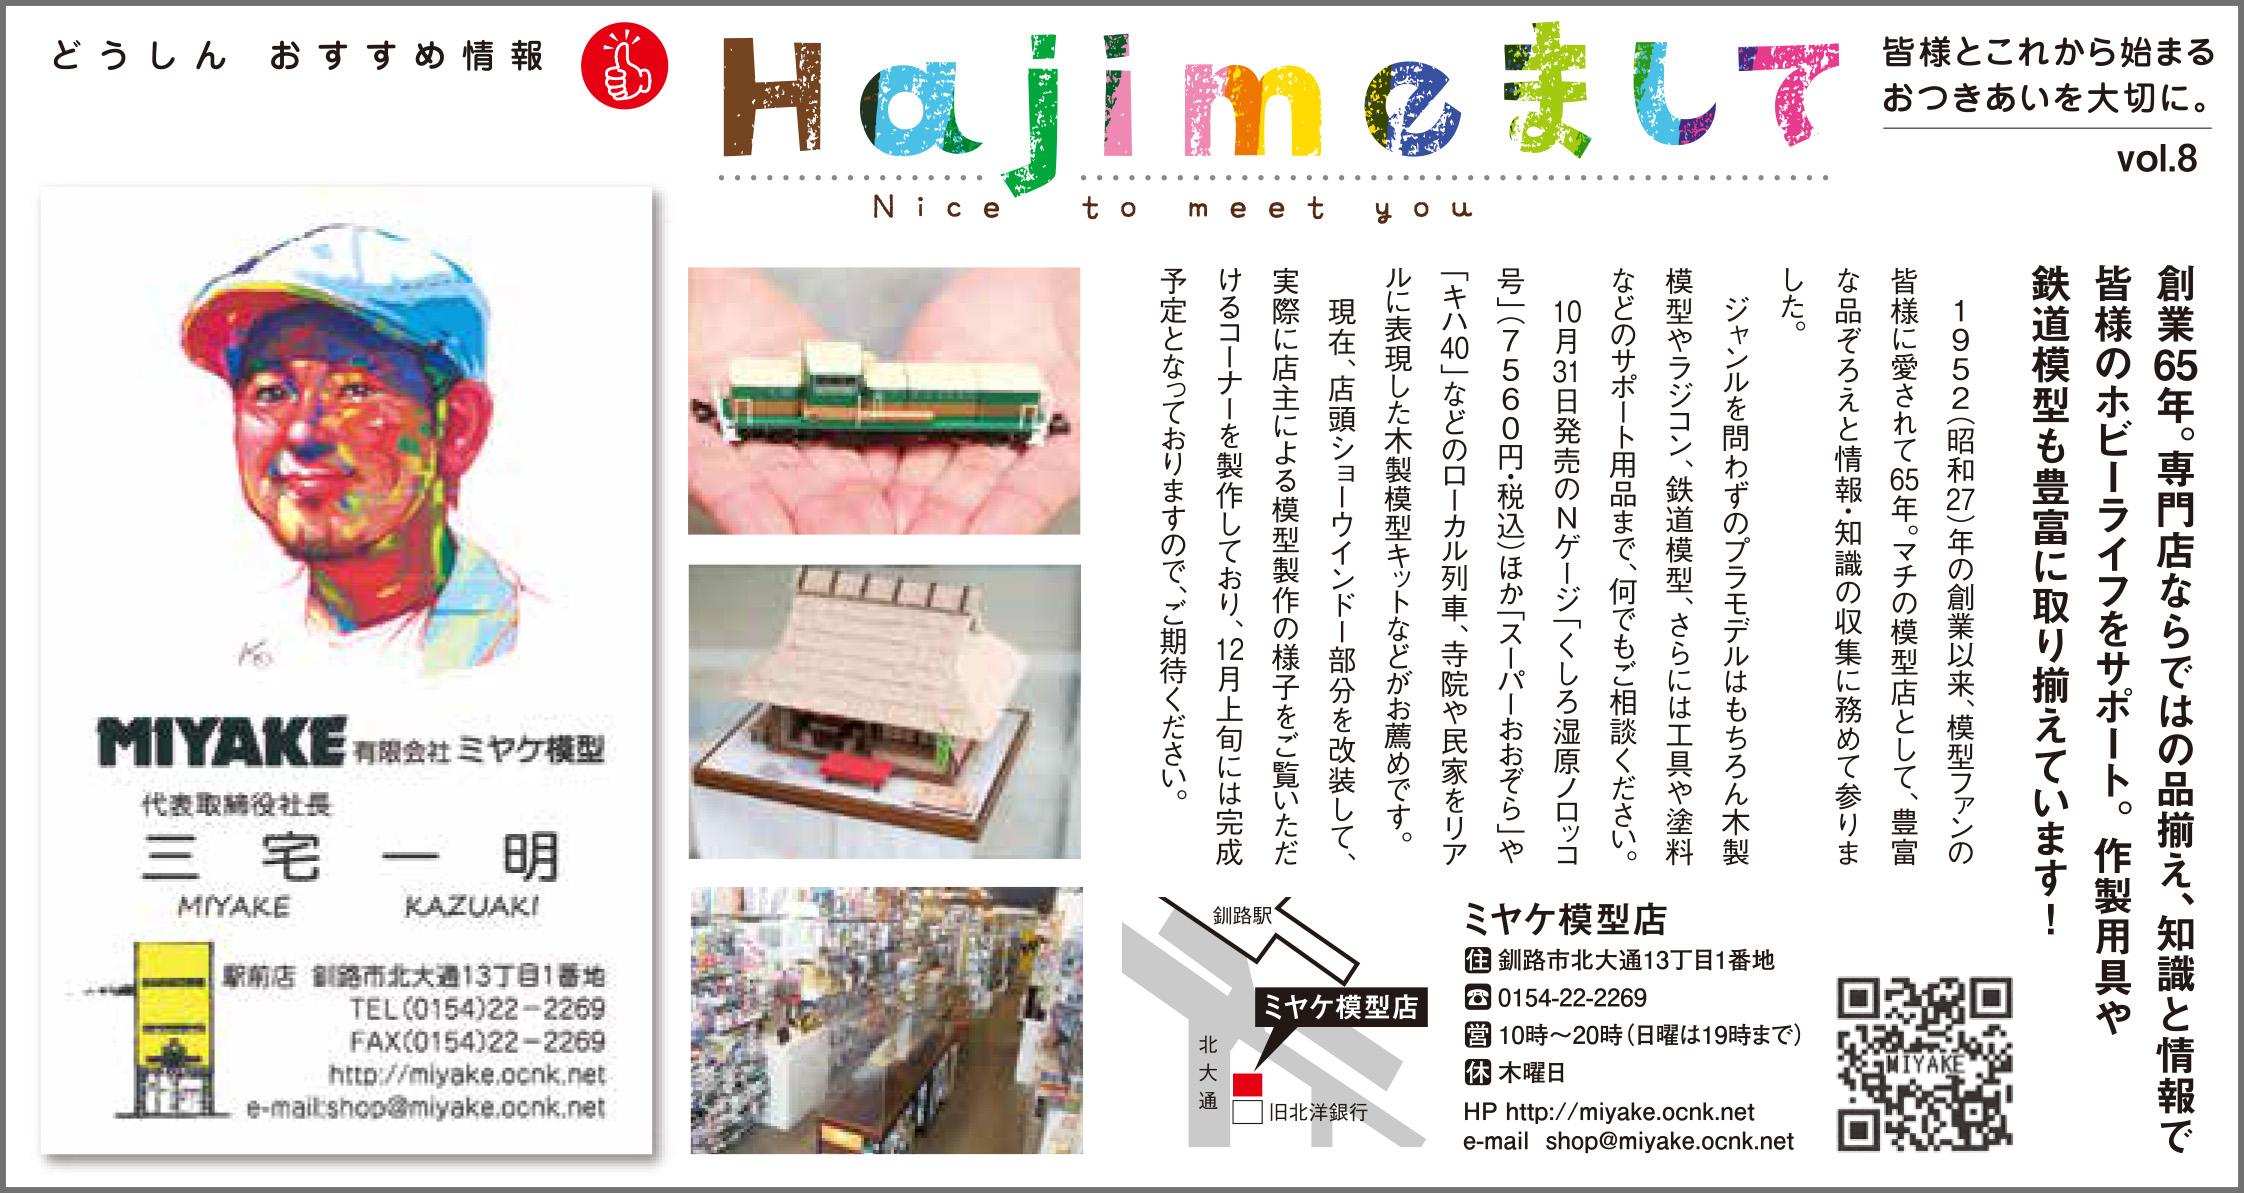 2017-12-9北海道新聞